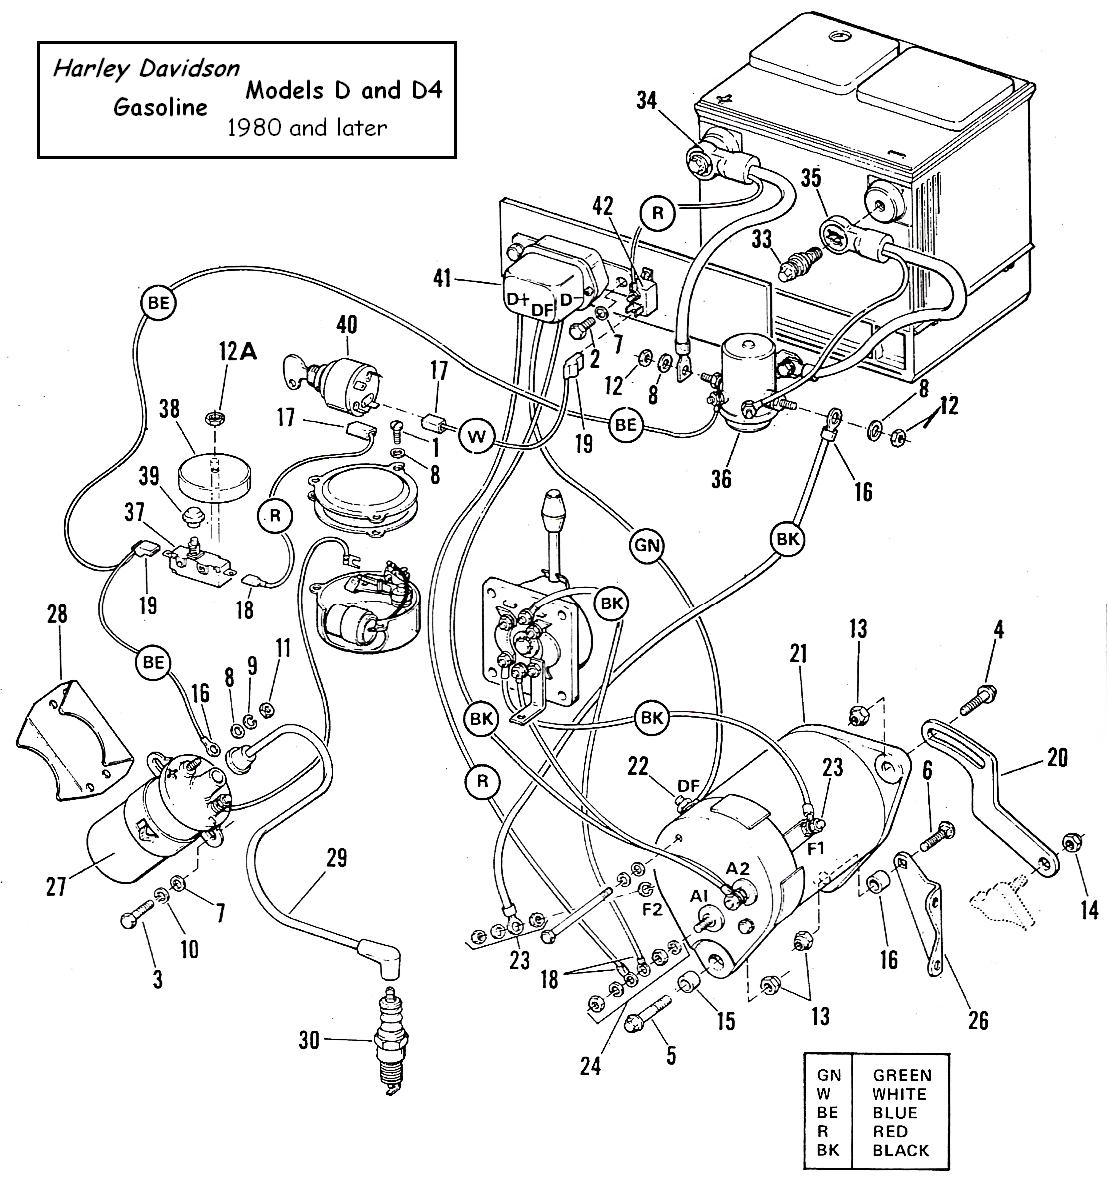 harley davidson golf cart wiring diagram